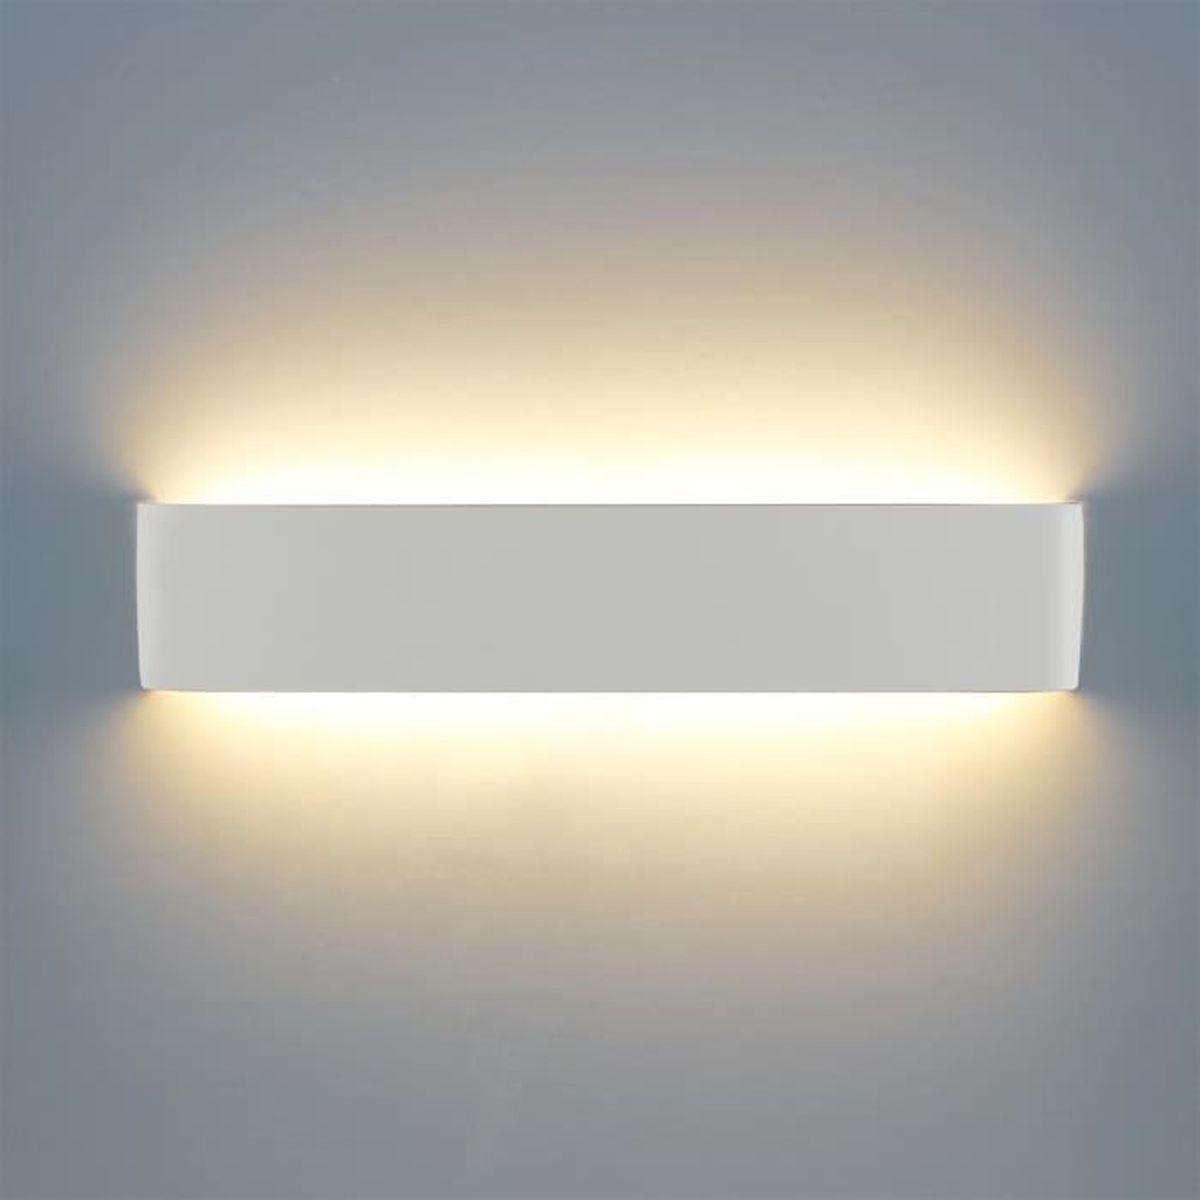 applique murale intérieur moderne lampe 40cm 16w 1200lm lumières